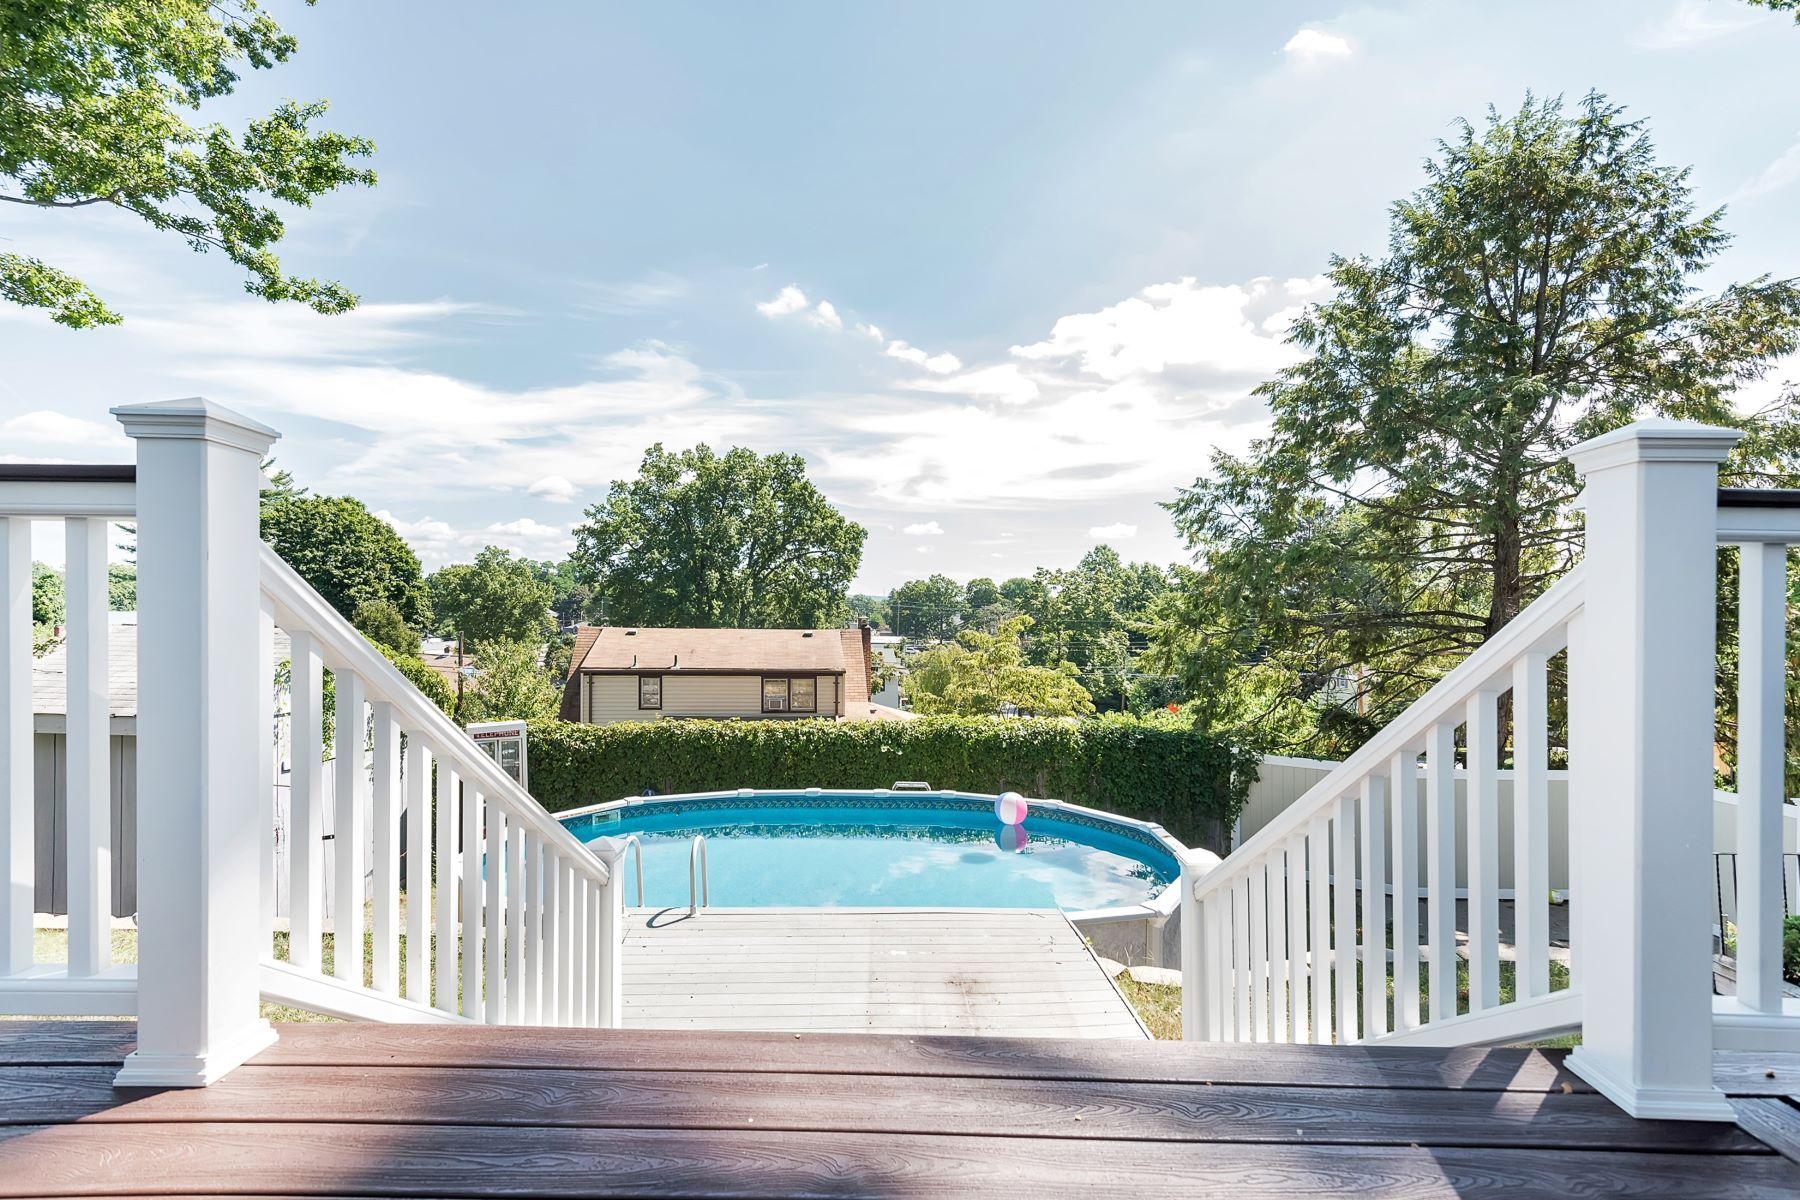 Casa Unifamiliar por un Venta en Upgraded Cape Cod Beauty 203 Wortendyke Avenue Emerson, Nueva Jersey 07630 Estados Unidos